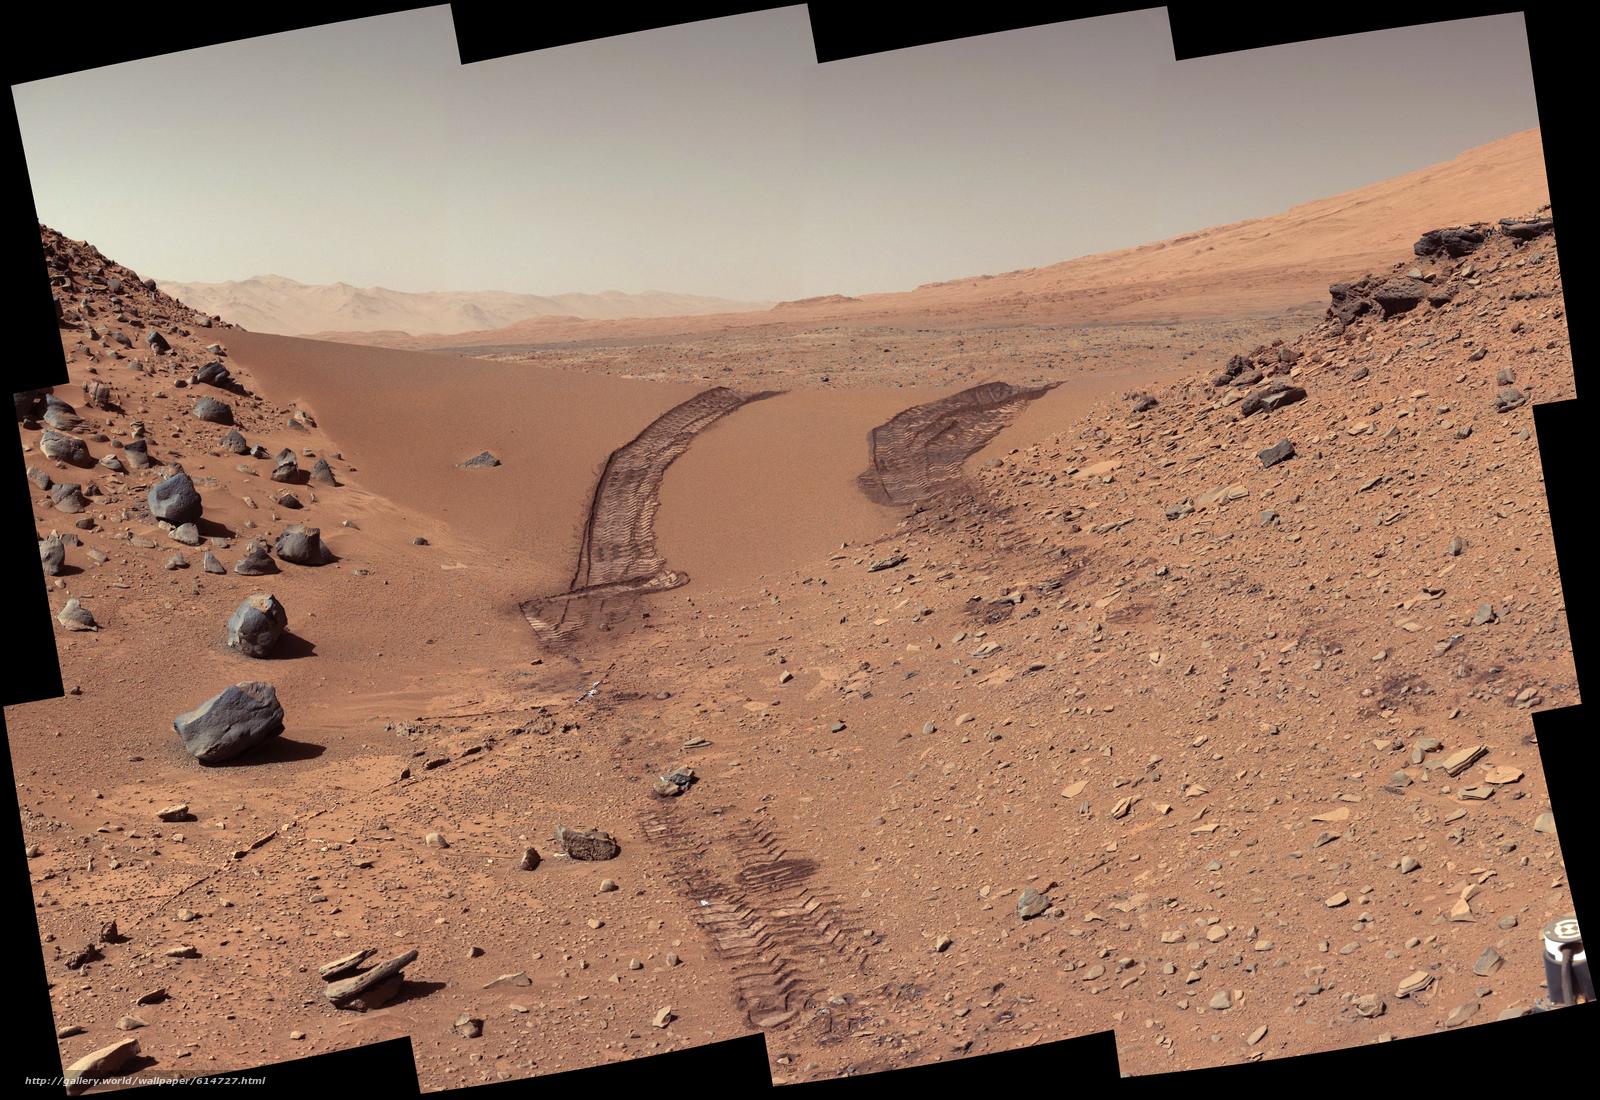 Скачать обои Марс,  фото,  след,  Кириосити бесплатно для рабочего стола в разрешении 4890x3361 — картинка №614727